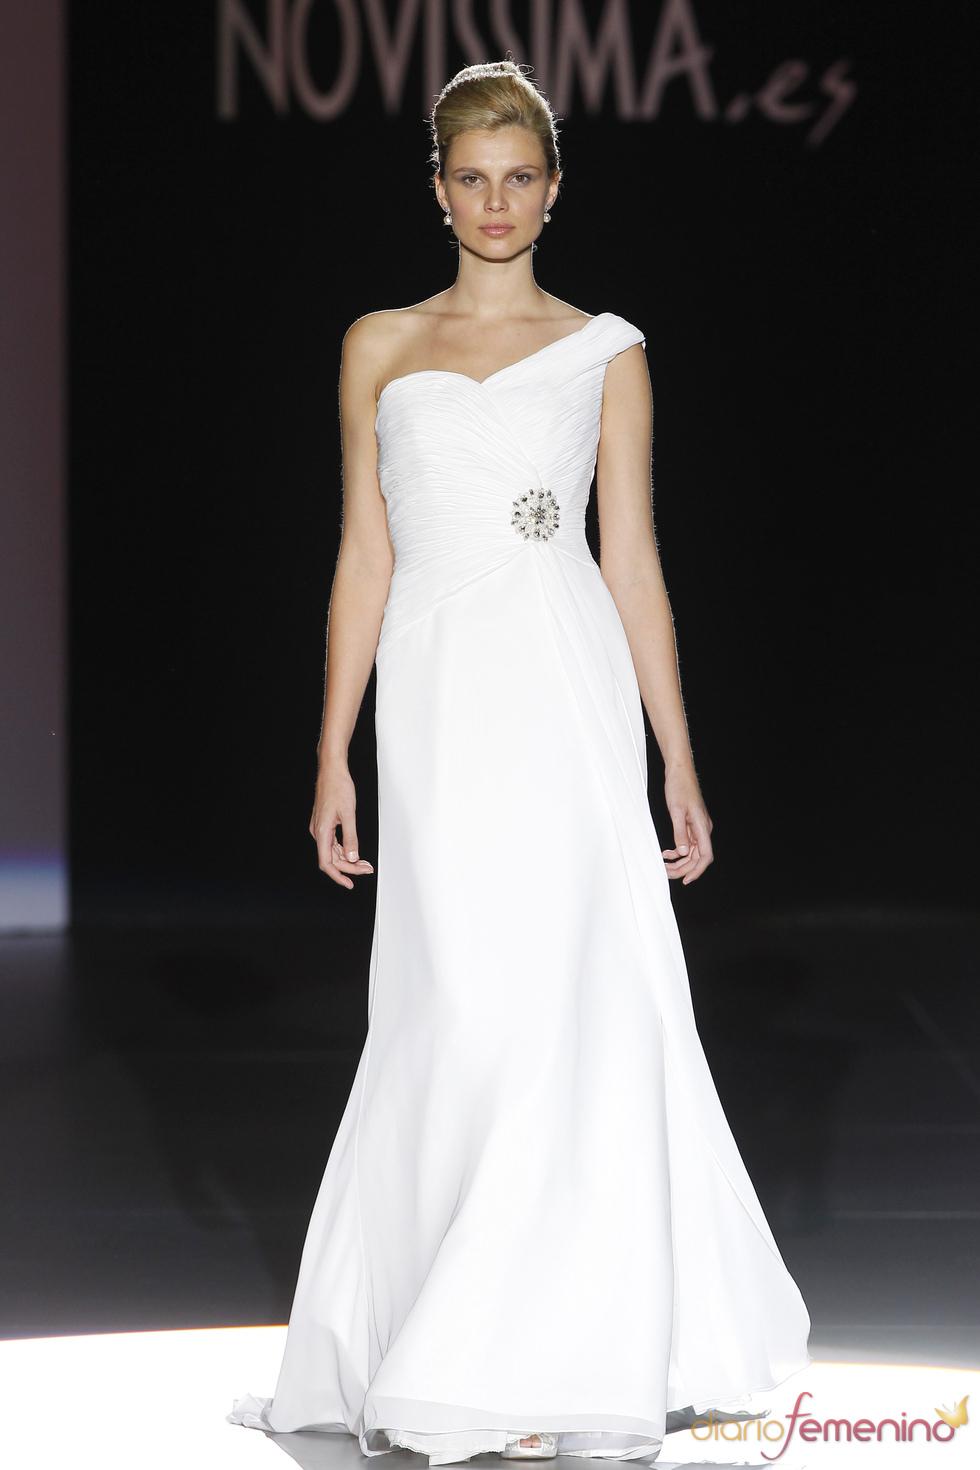 Vestido de novia asimétrico de Novissima